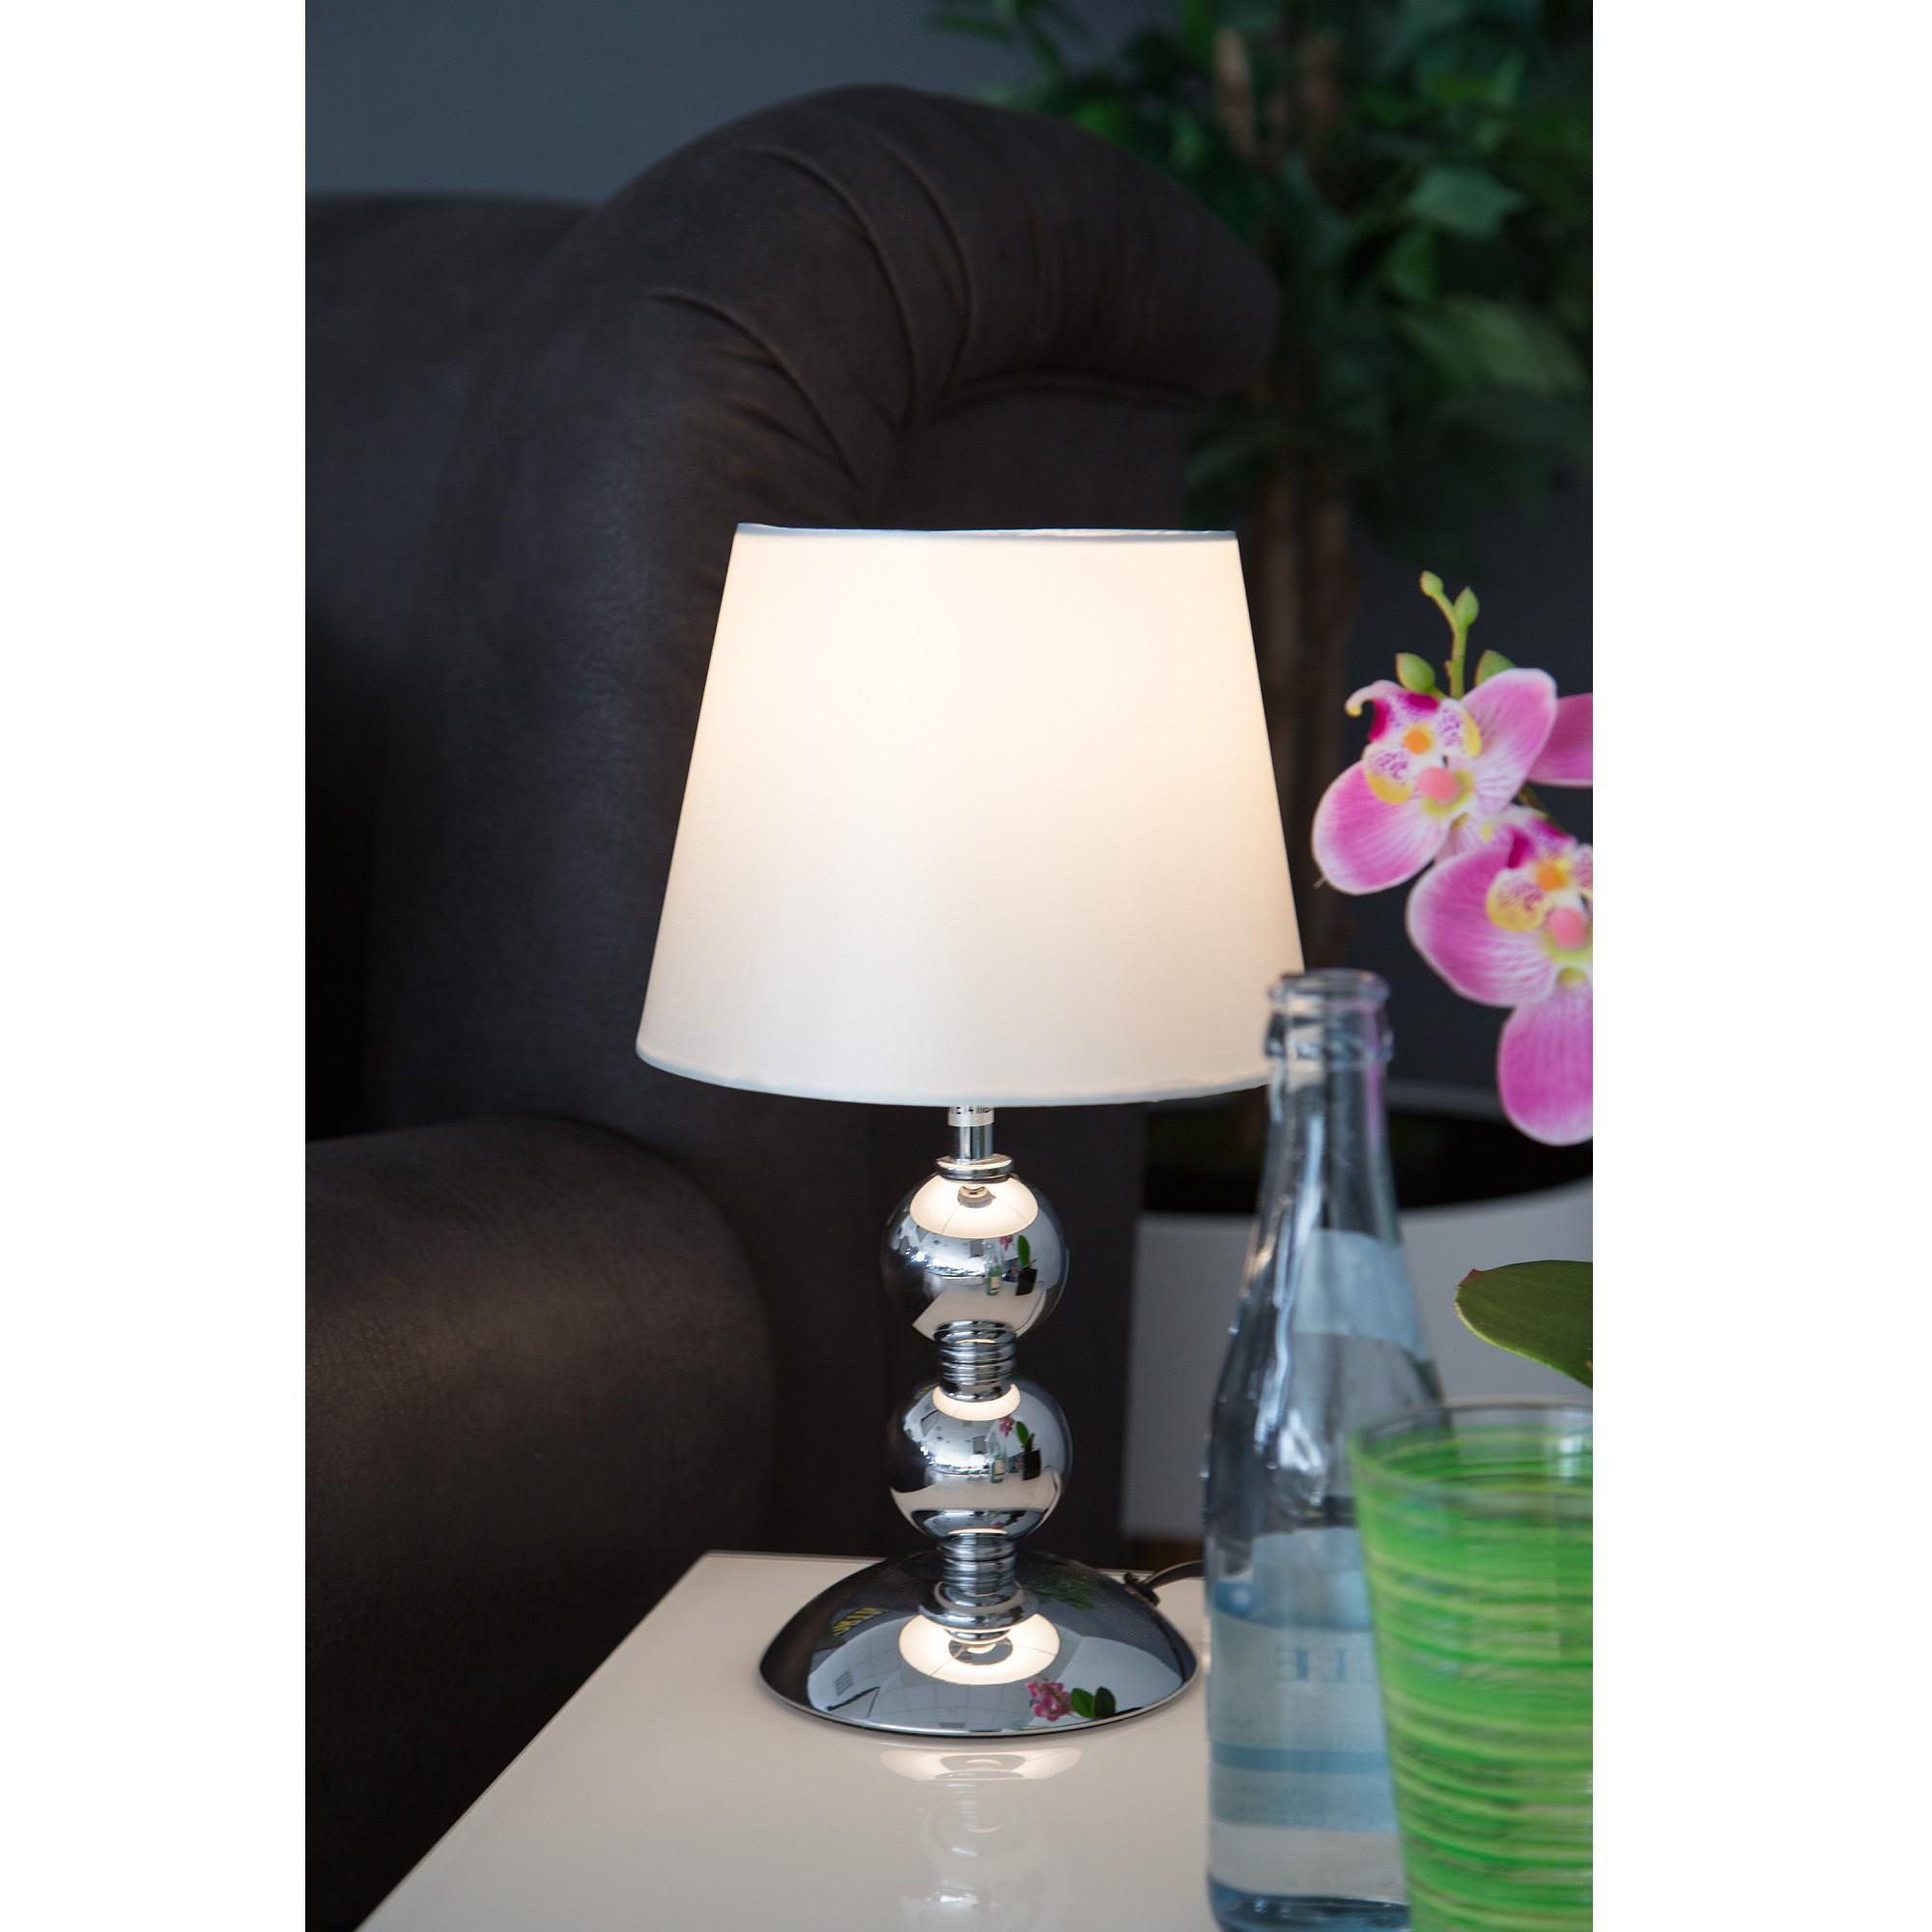 Lampada da tavolo Bea, Nino Leuchten